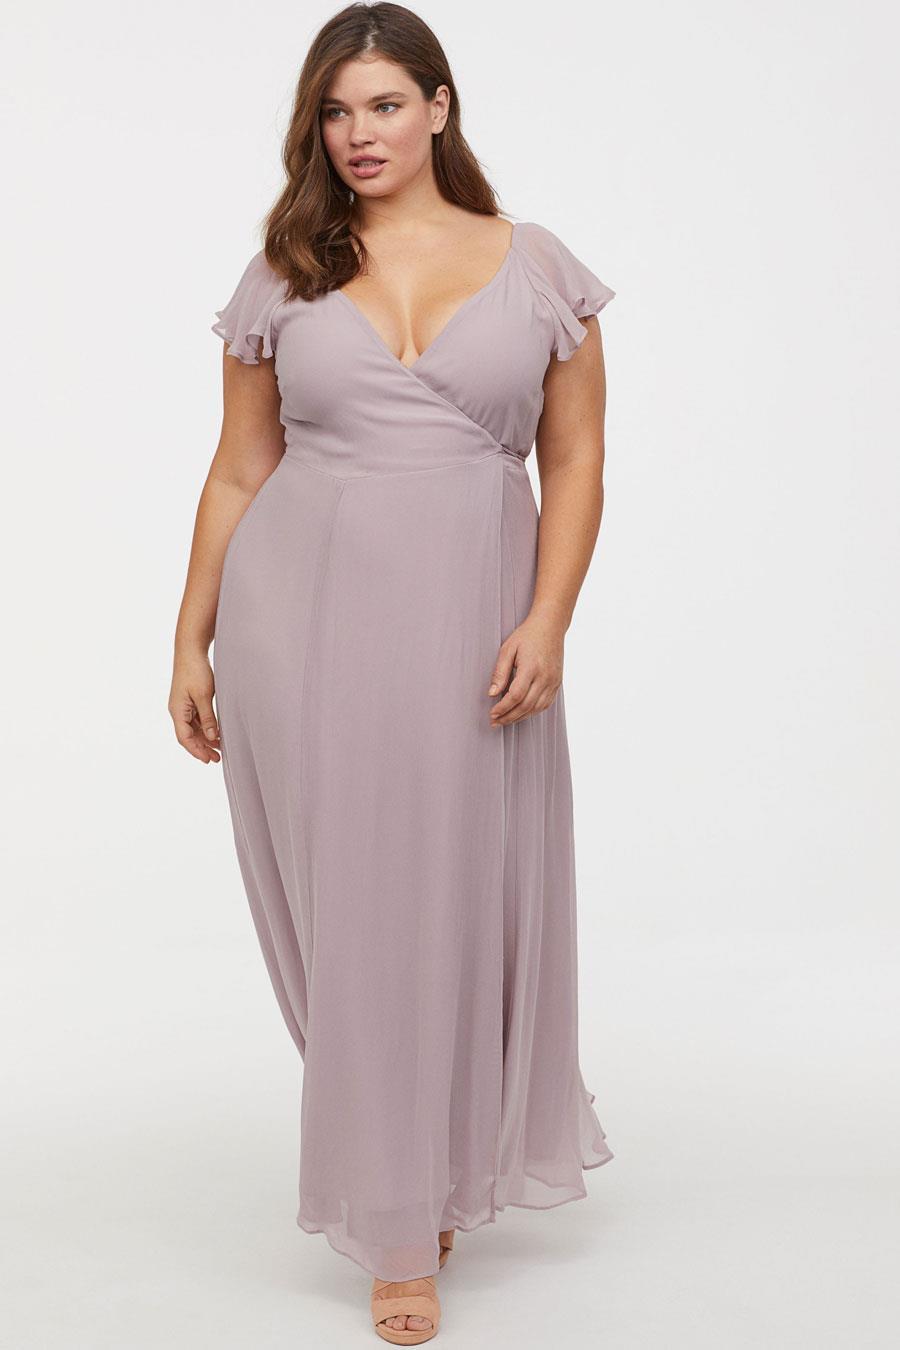 3df9b127d vestidos moda primavera verano 2019 para gorditas de invitada largo. Vestido  de invitada perfecto